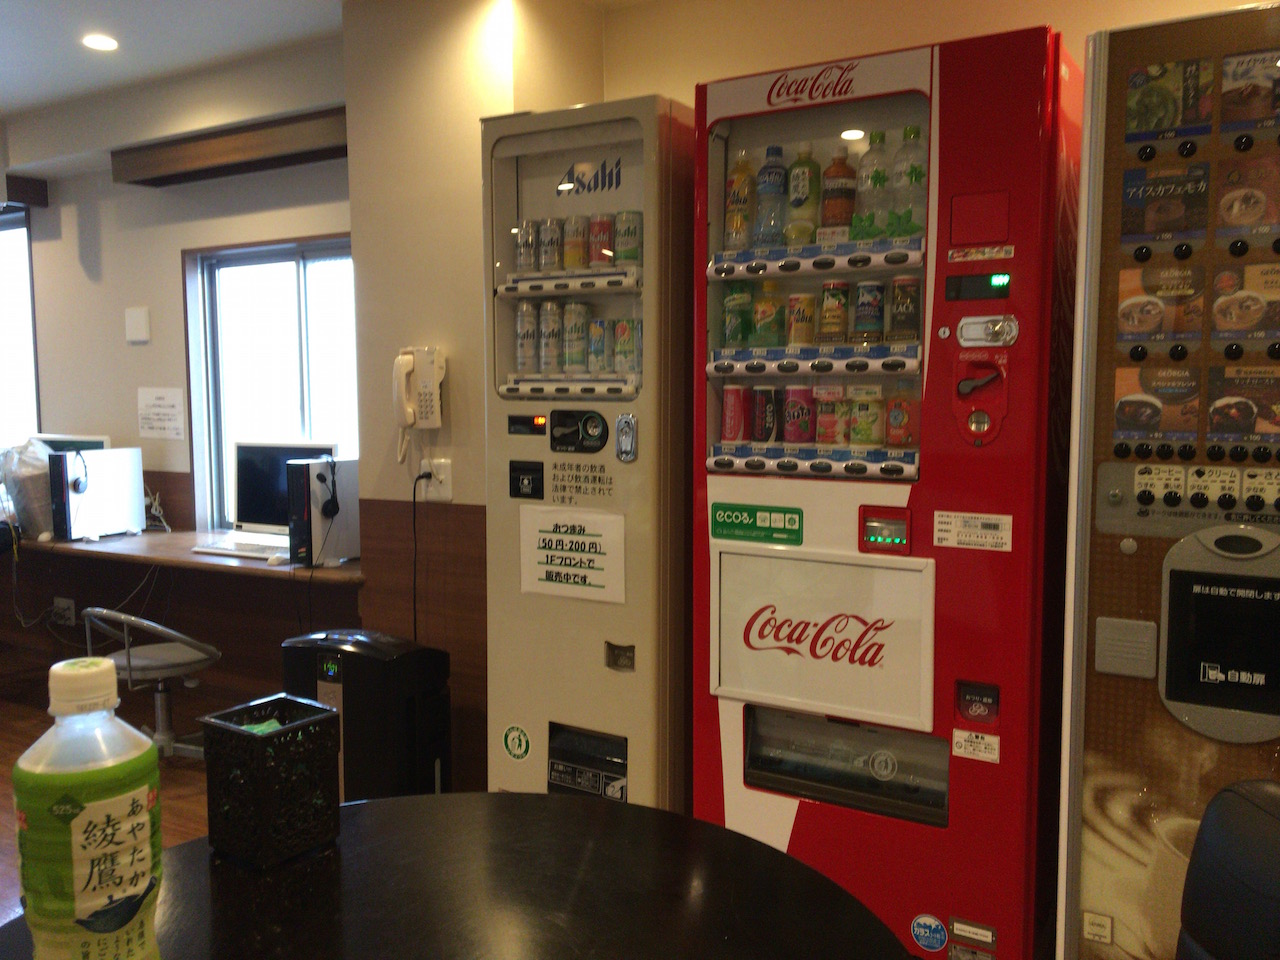 カプセルホテル 神戸三宮に泊まってみた!三宮で激安ホテルを探しているなら超おすすめかも